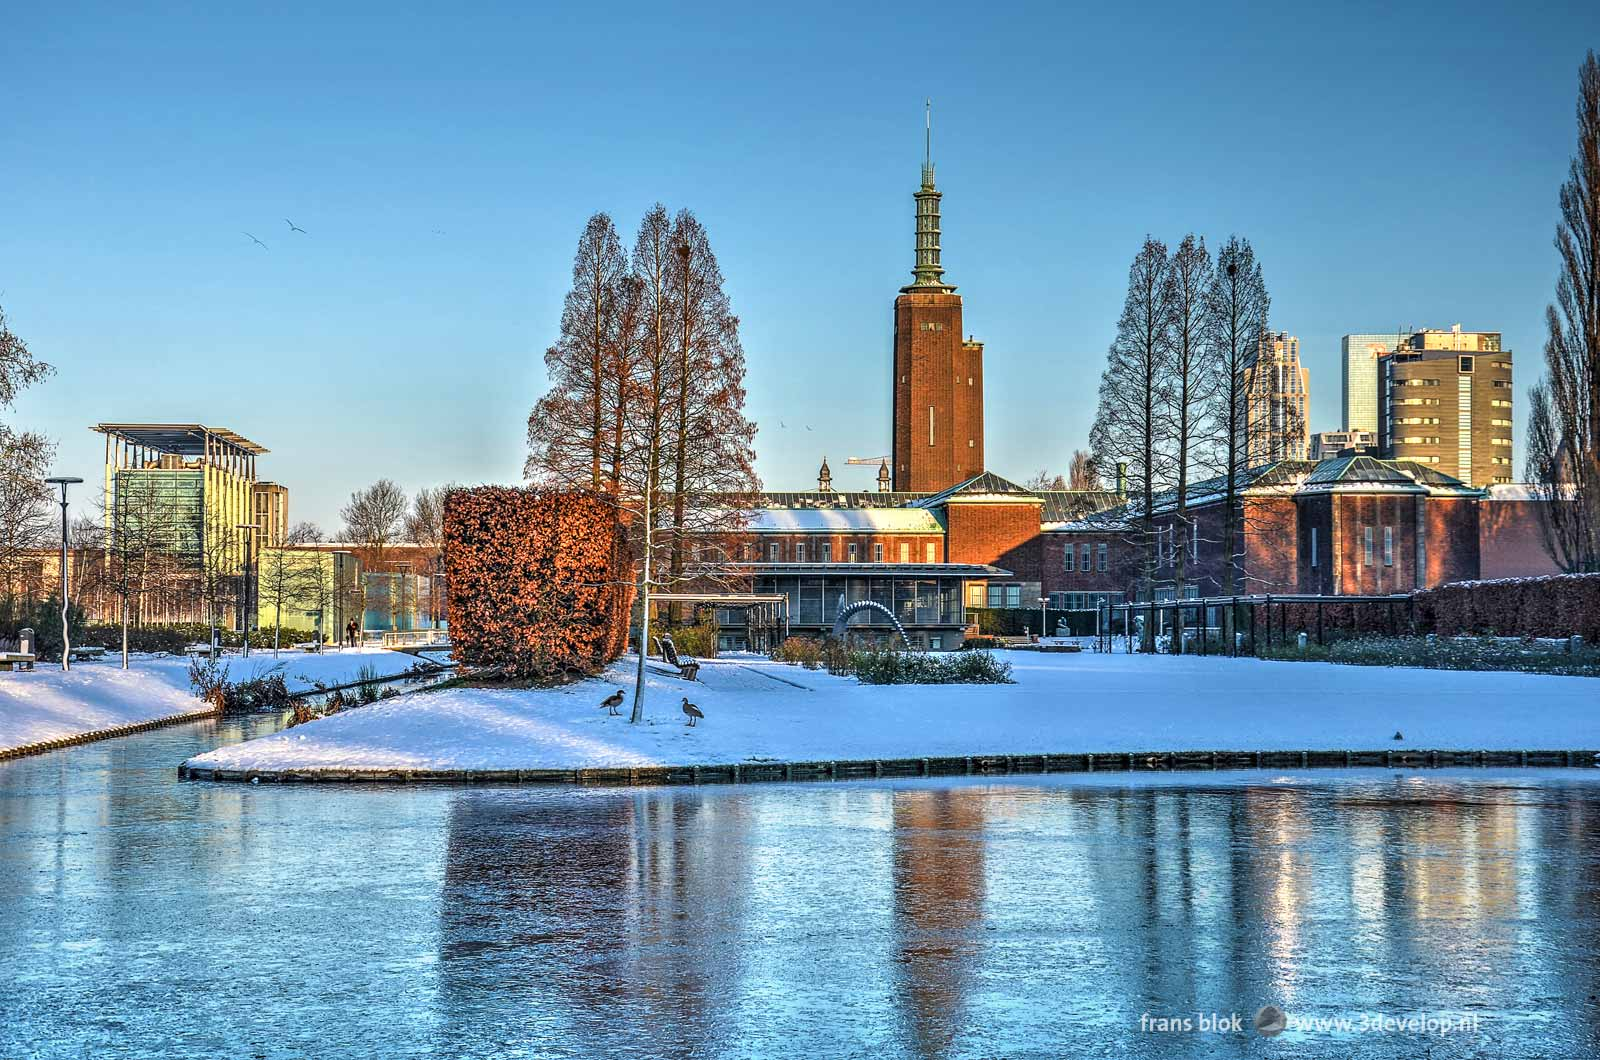 Foto uit de (korte) winter van 2014, met het besneeuwde Museumpark in Rotterdam, een bevroren vijver, museum Boymans, het Nieuwe Instituut en het Parkhotel.